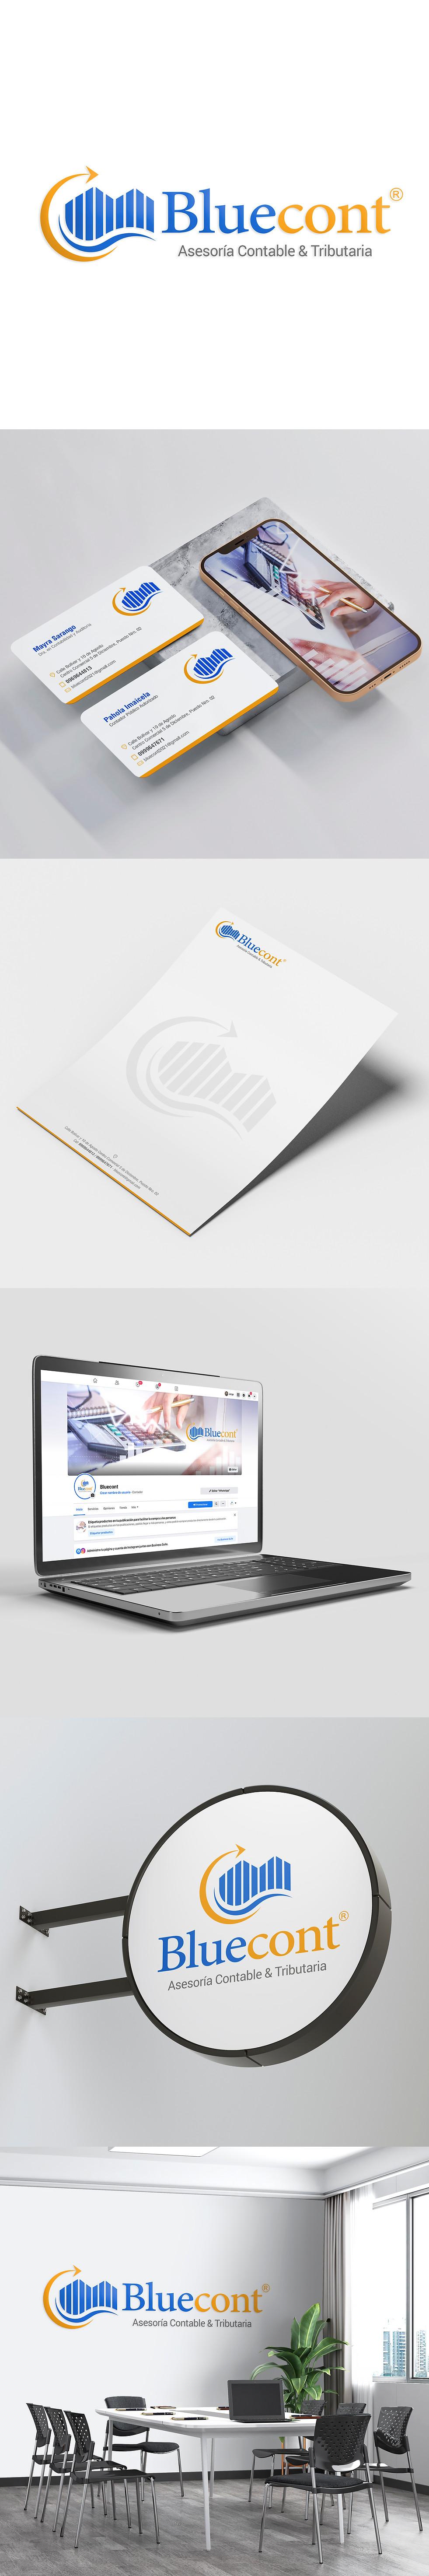 Bluecont web Visualcorp.jpg